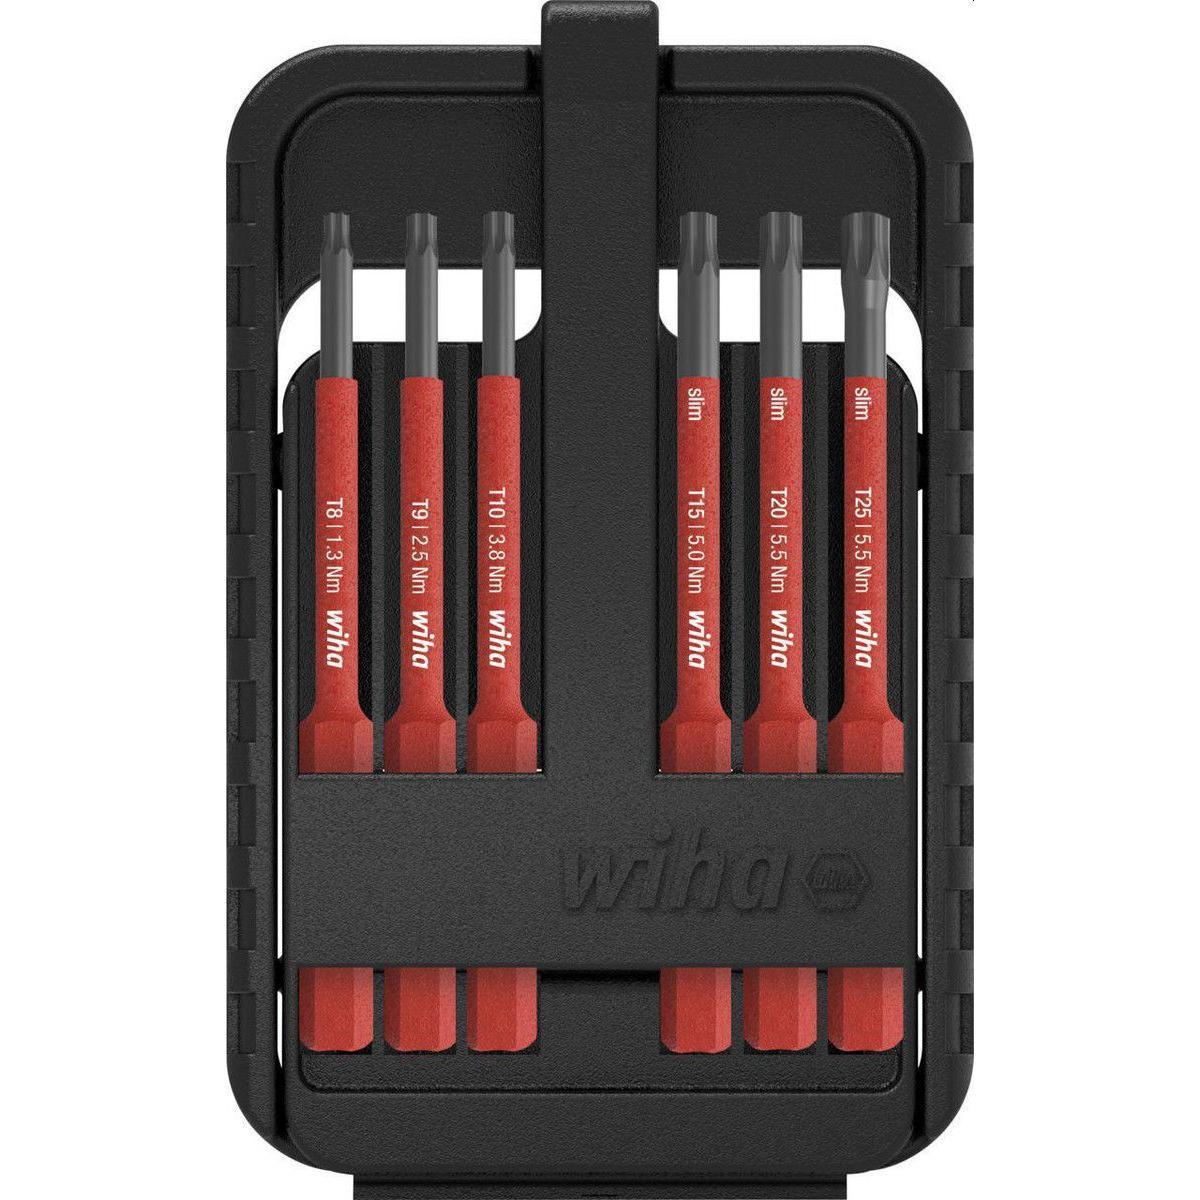 Набор бит slimBit electric slimVario шлиц, 6 шт. в SlimBit box 43153 WIHA